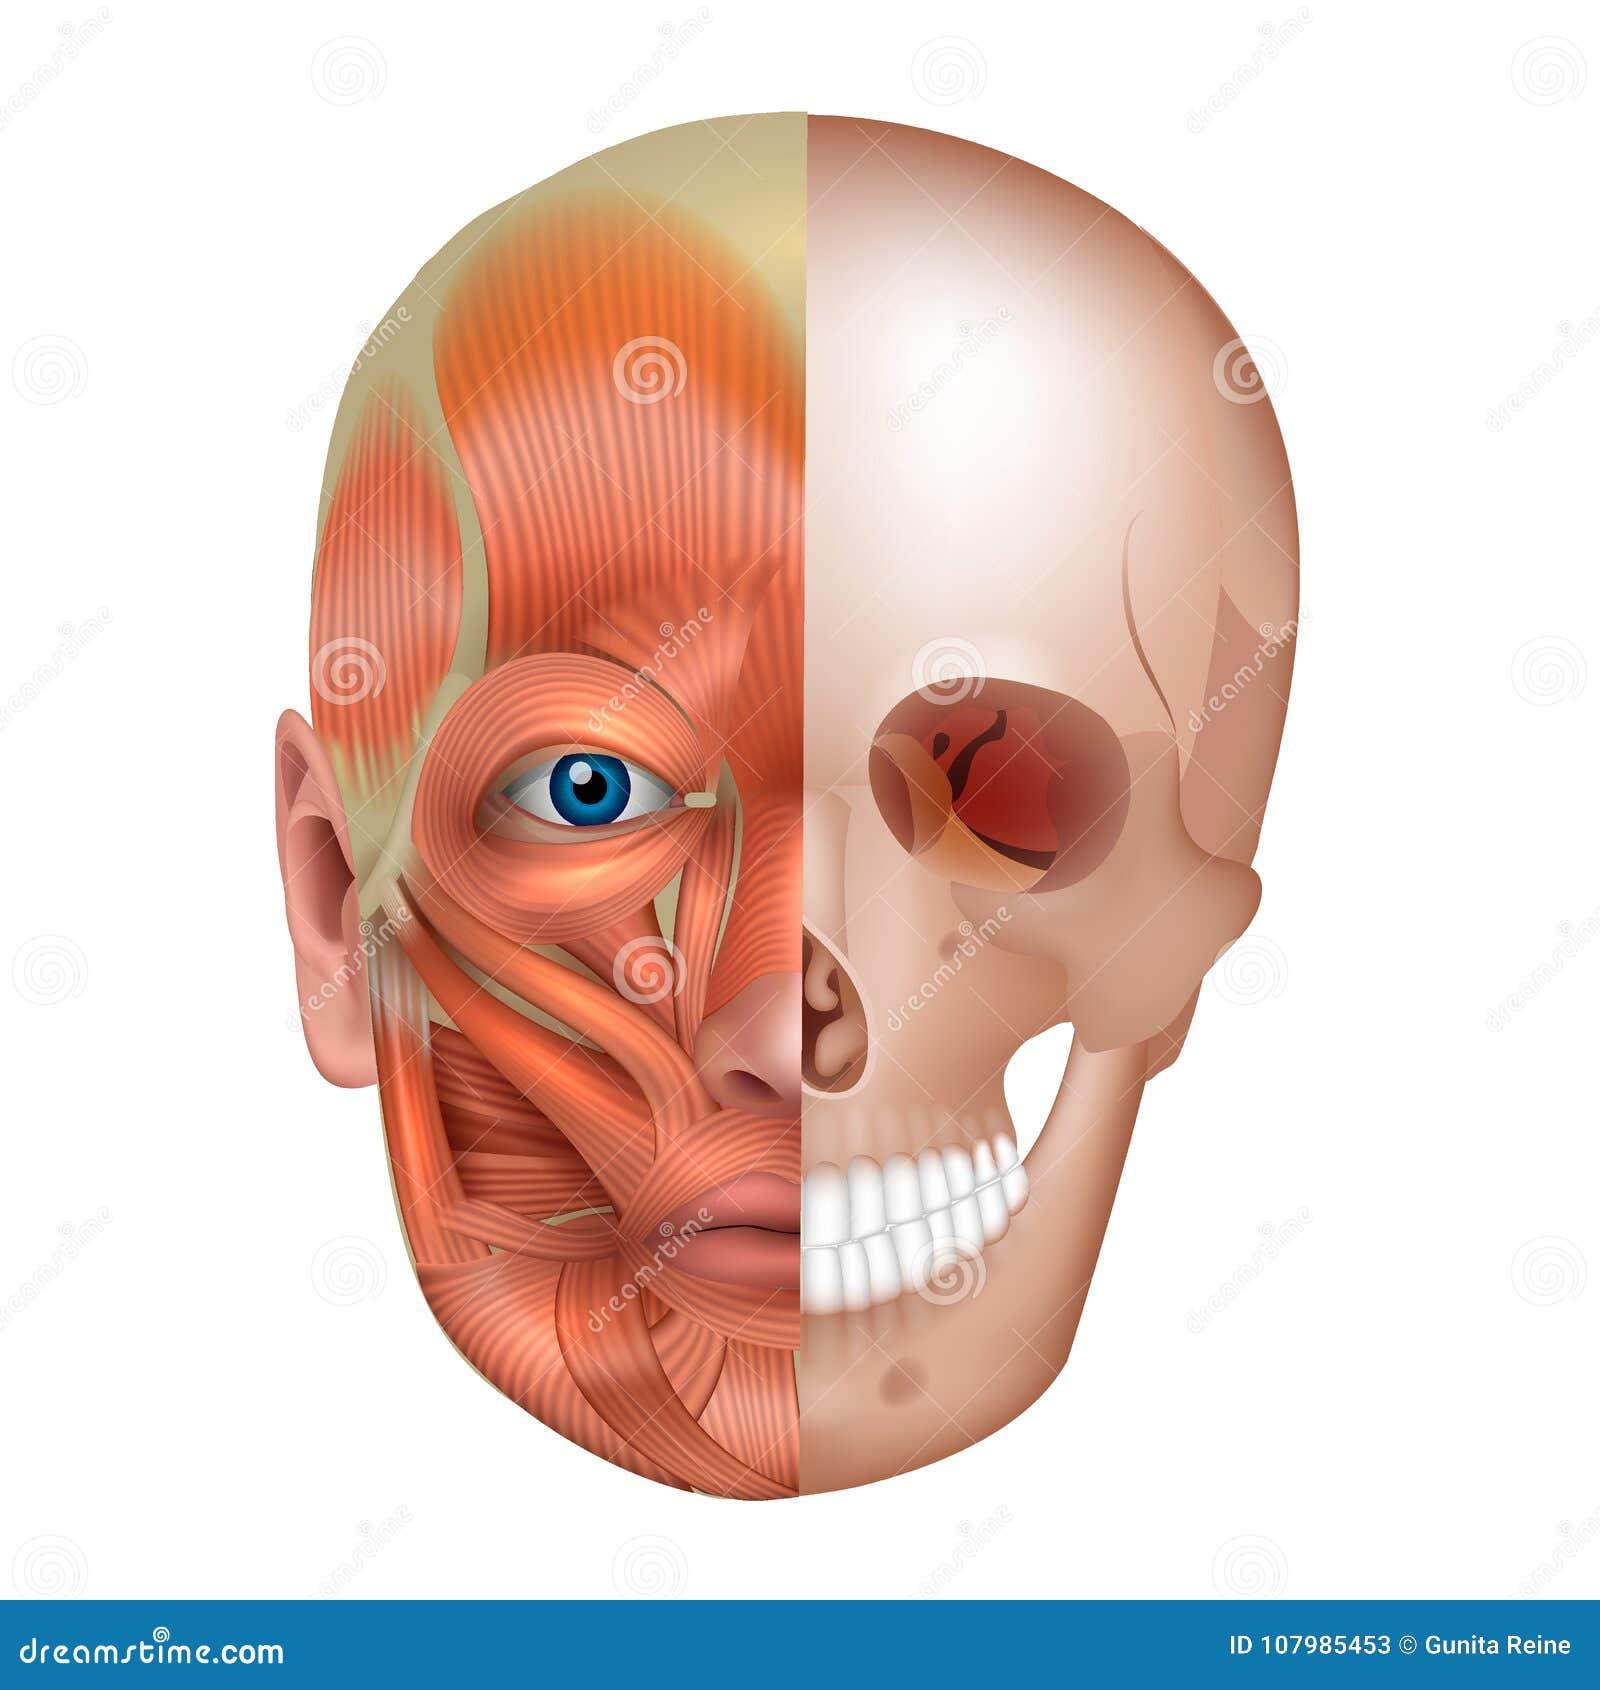 Gesichtsmuskeln Und Knochen Vektor Abbildung - Illustration von ...